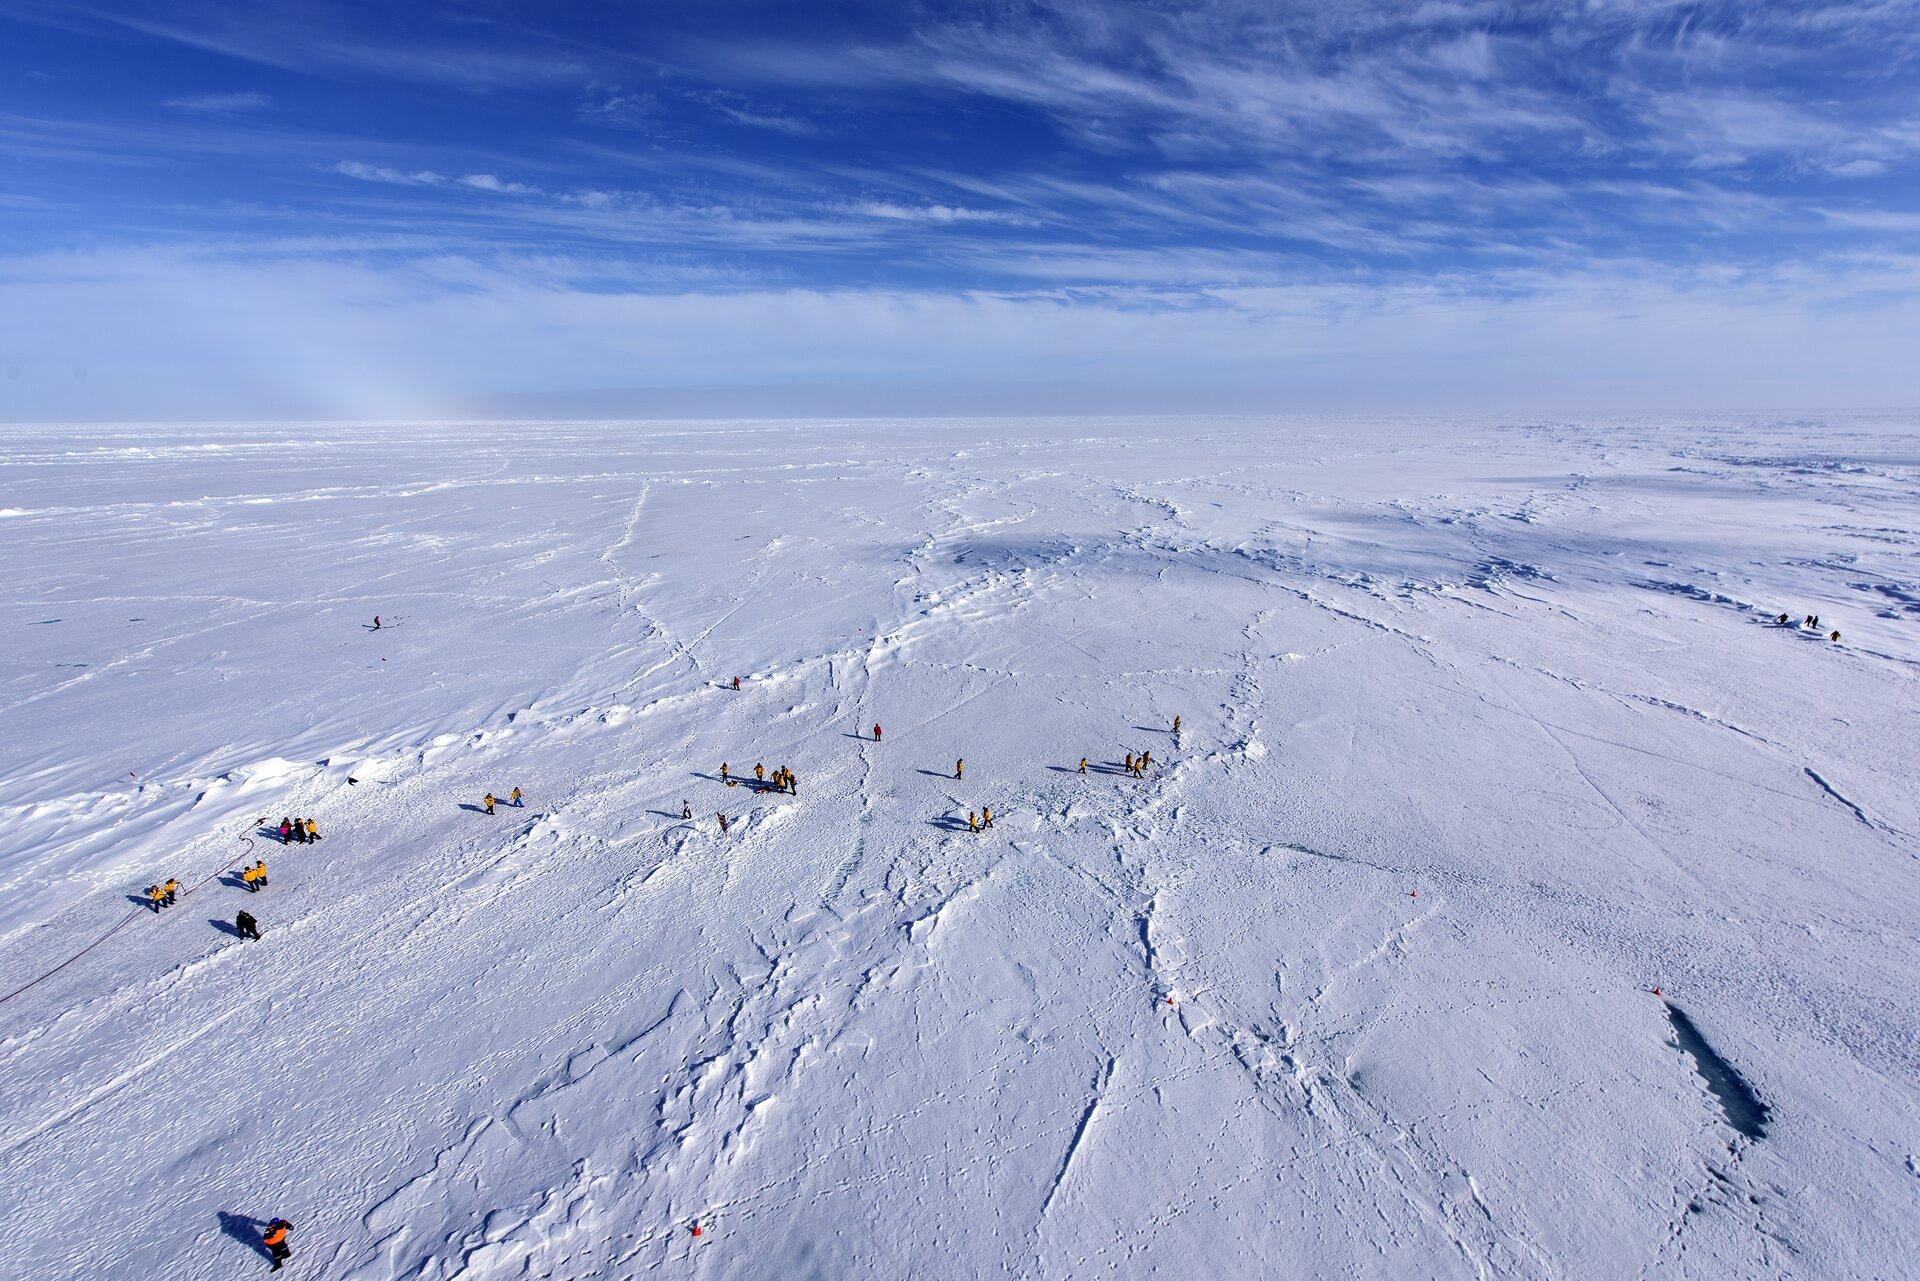 Fotografia prezentuje białą, płaską pokrywę lodowca na Oceanie Lodowatym.